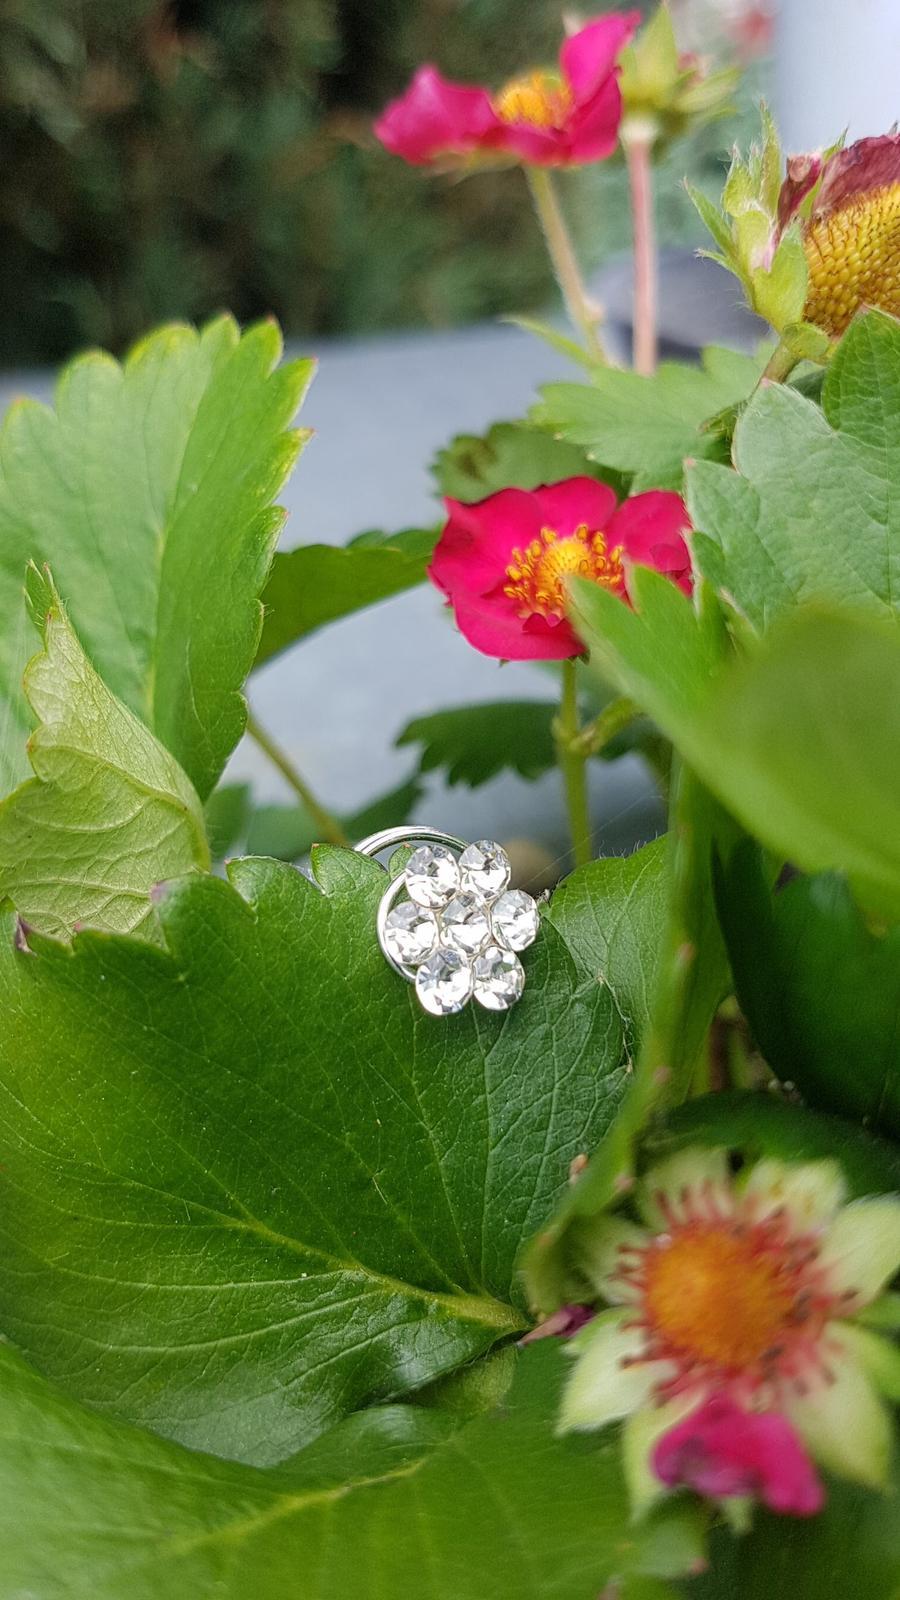 Květy z kamínků typ - šnečci - Obrázek č. 4